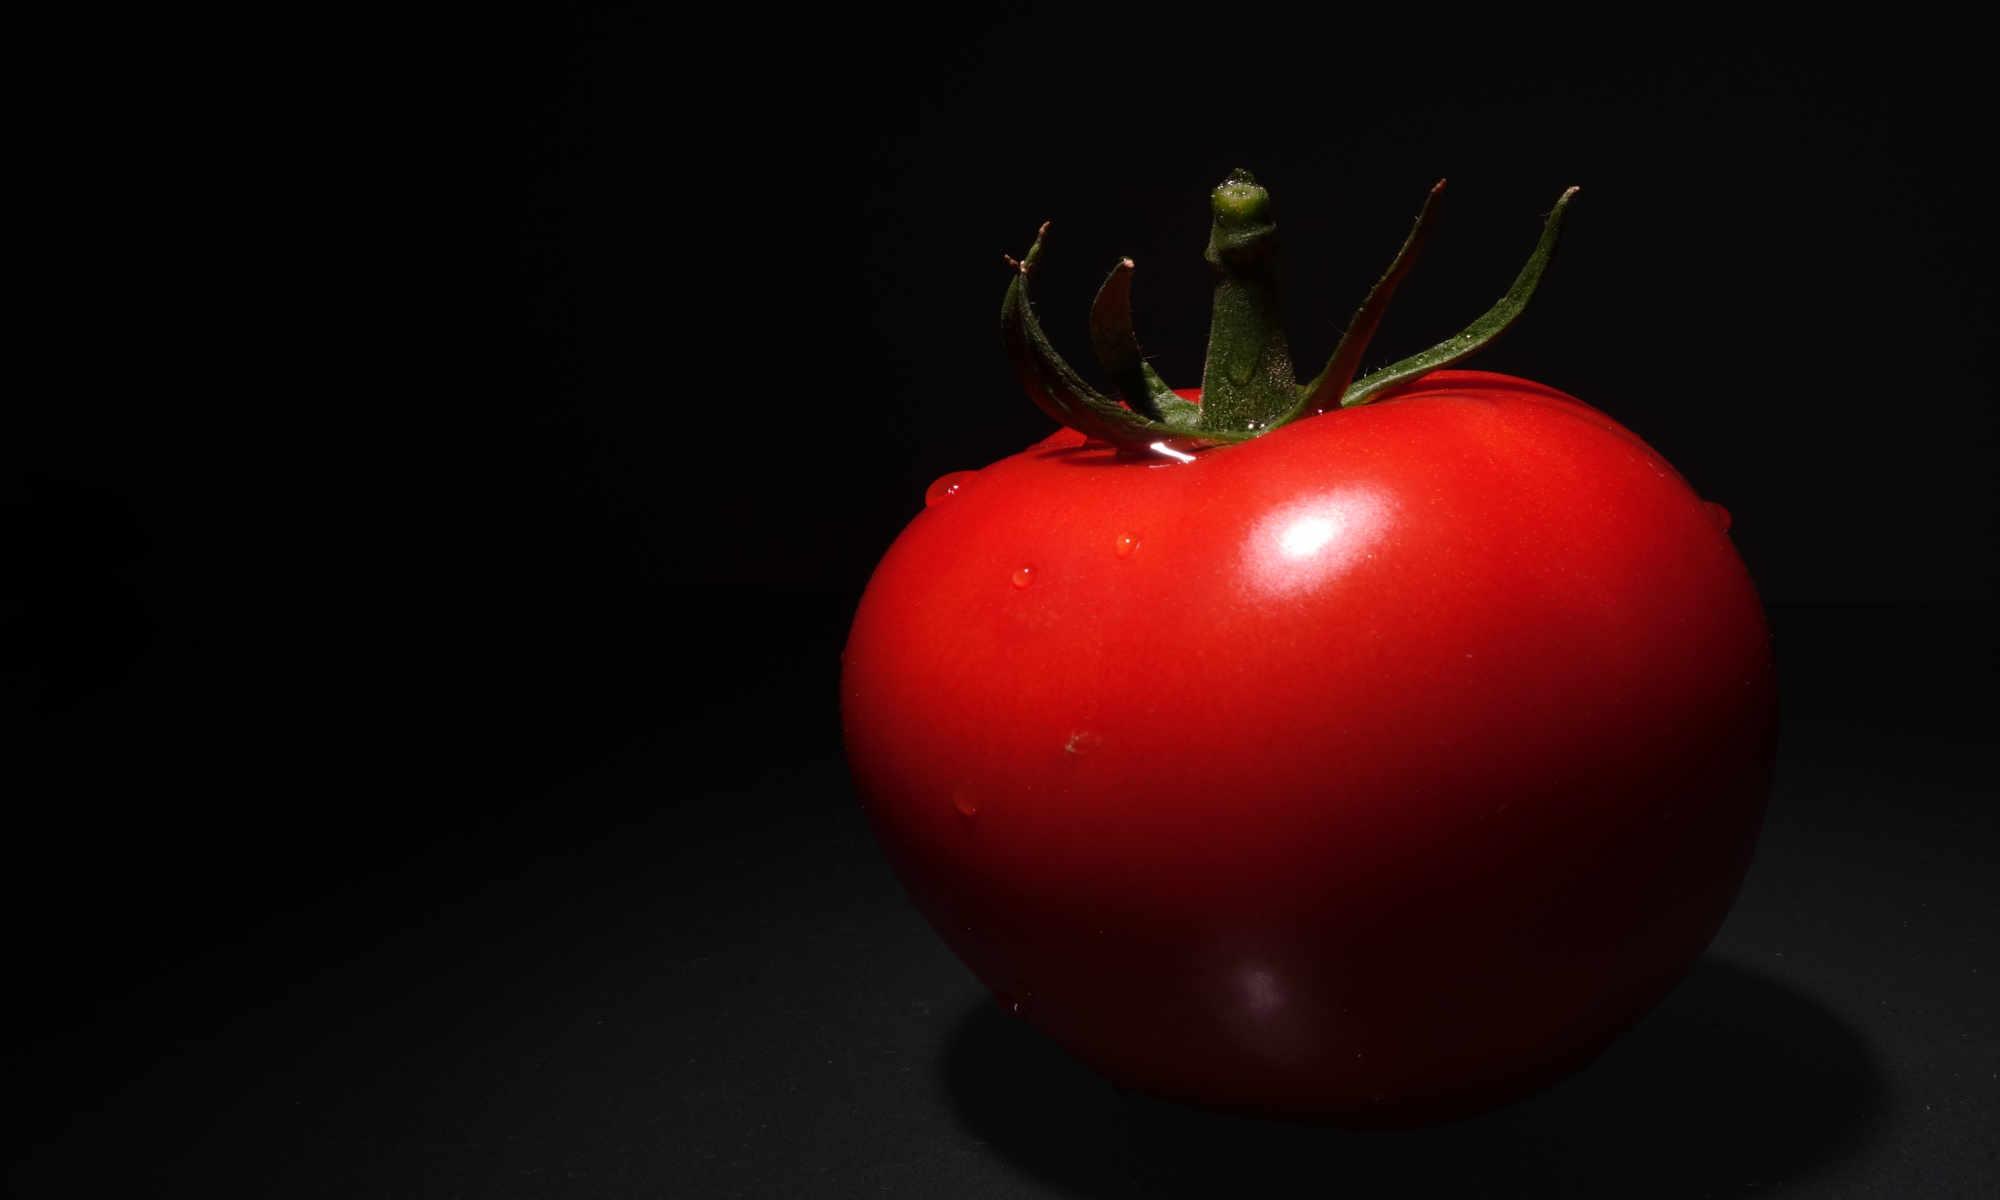 Paradajz je zdrav rdeč sadež